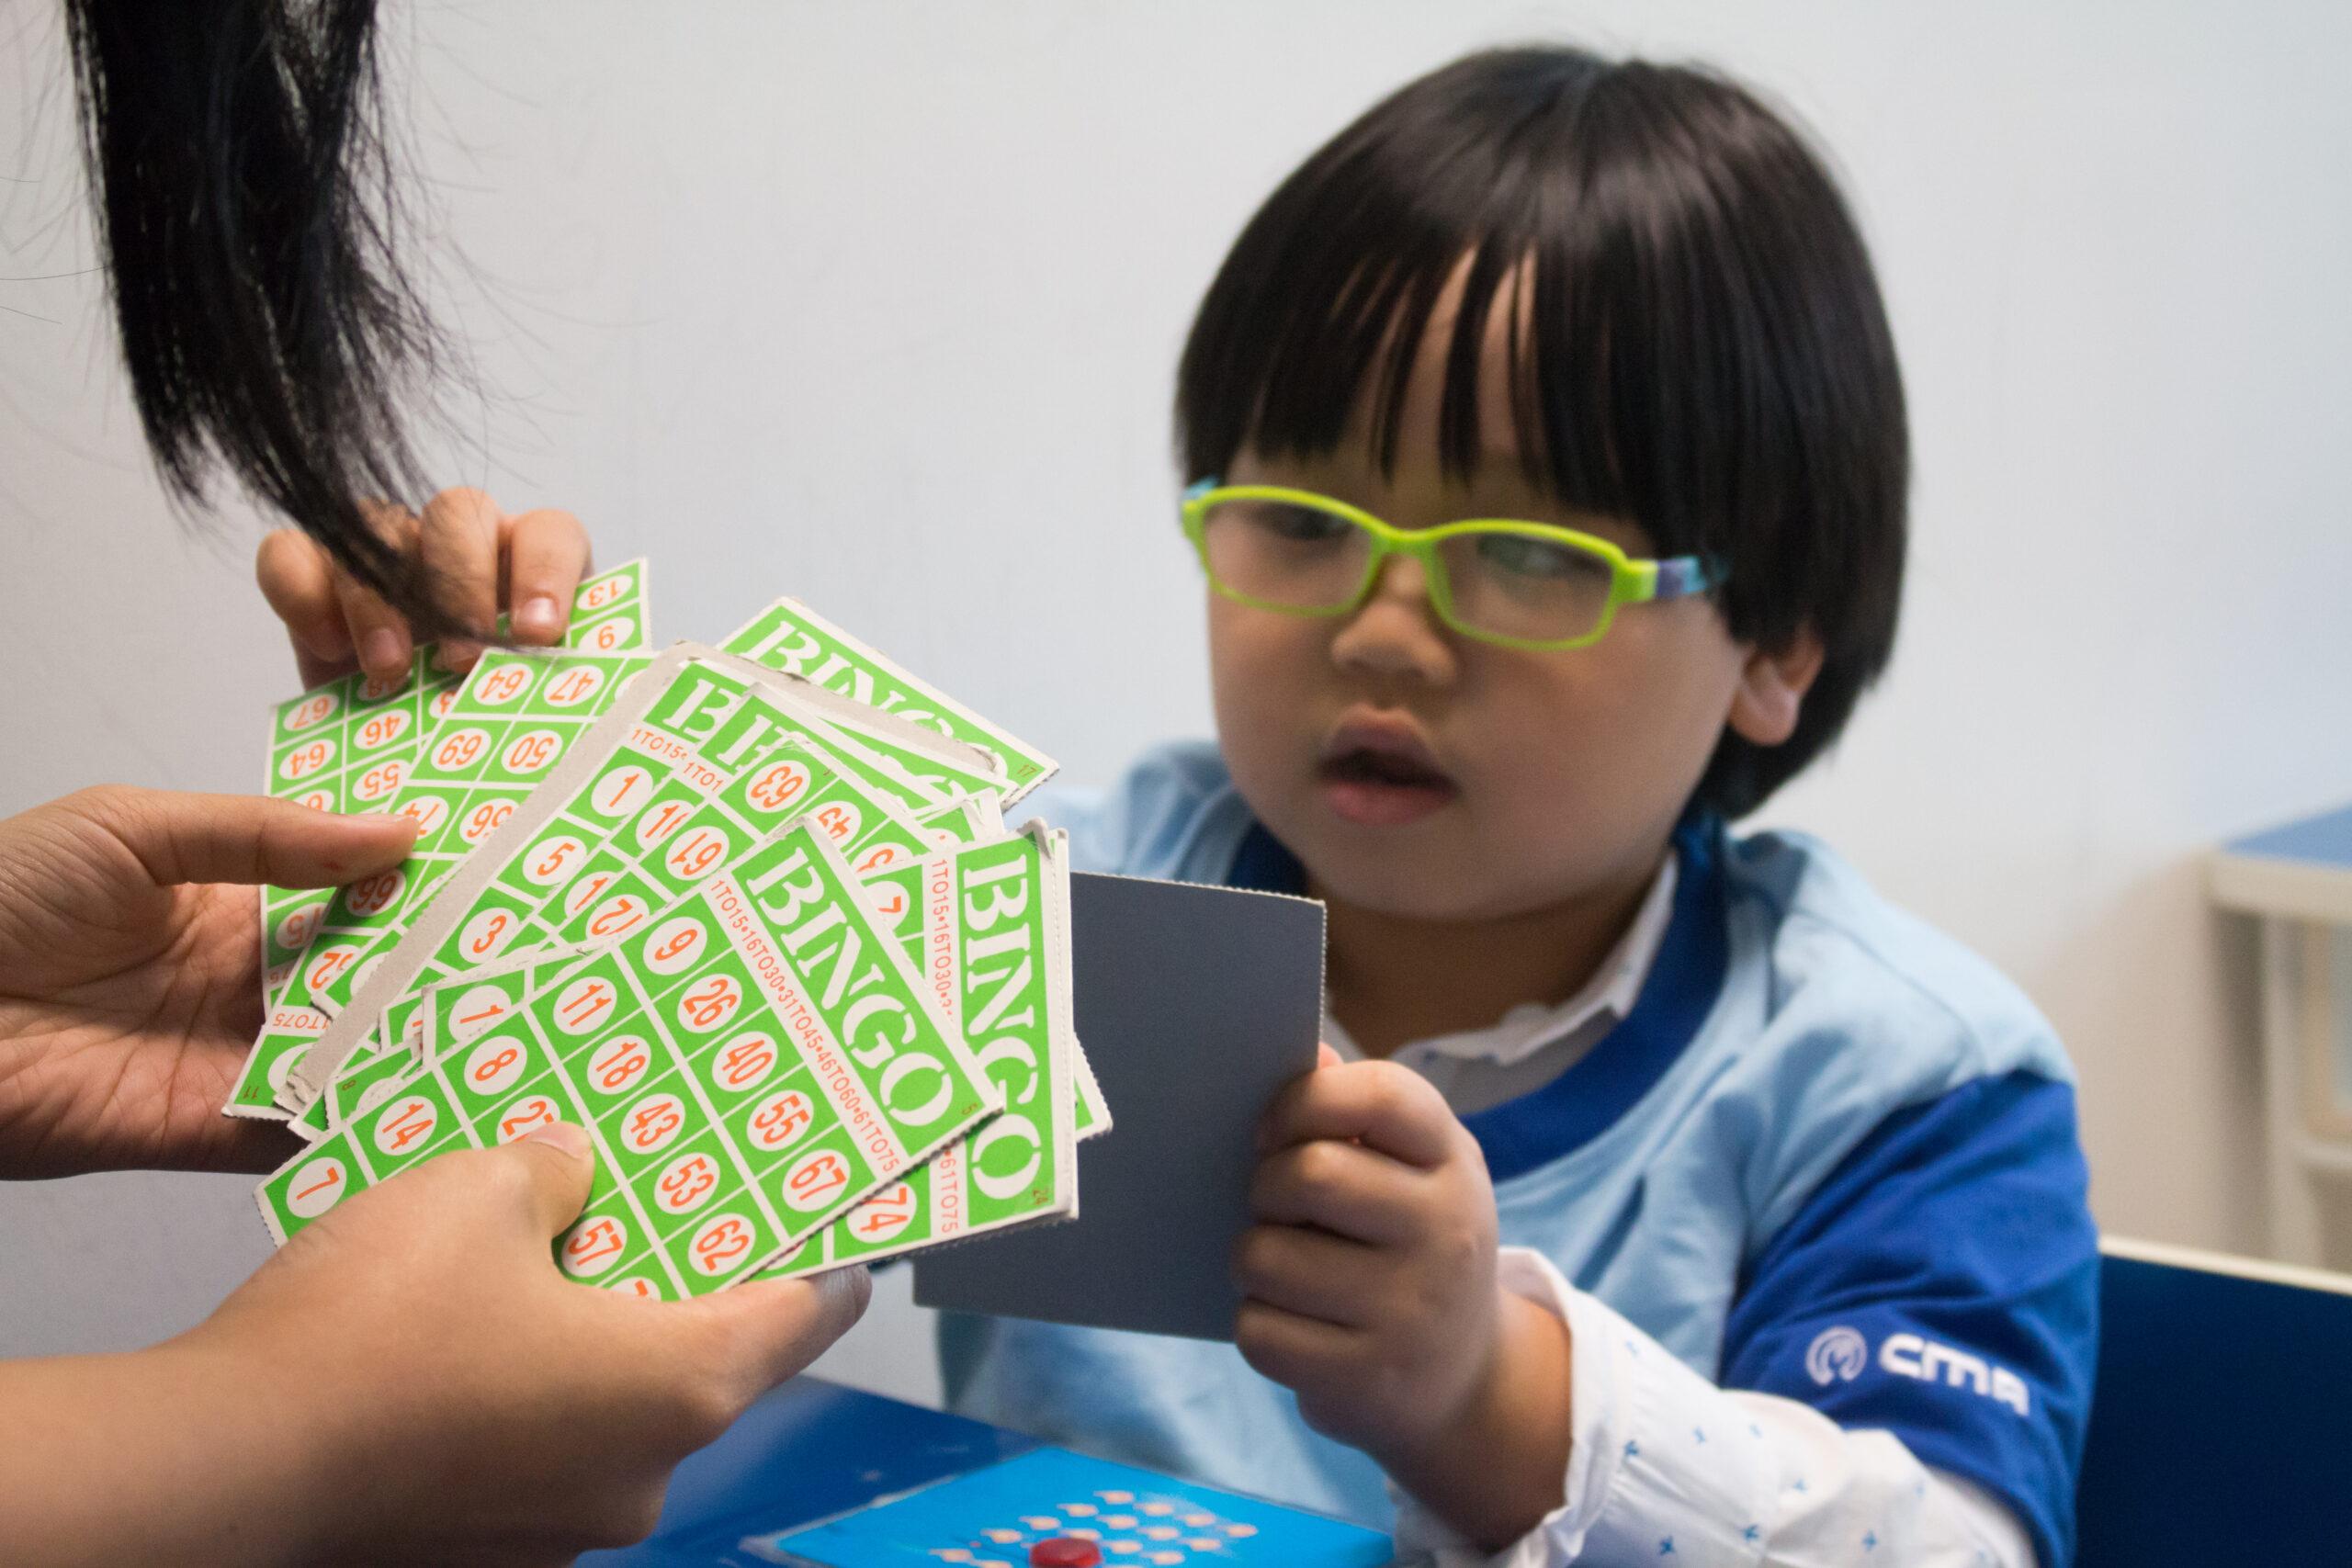 จินตคณิต หลักสูตรคิดเลขเร็ว ช่วยฝึกสมาธิให้เด็ก